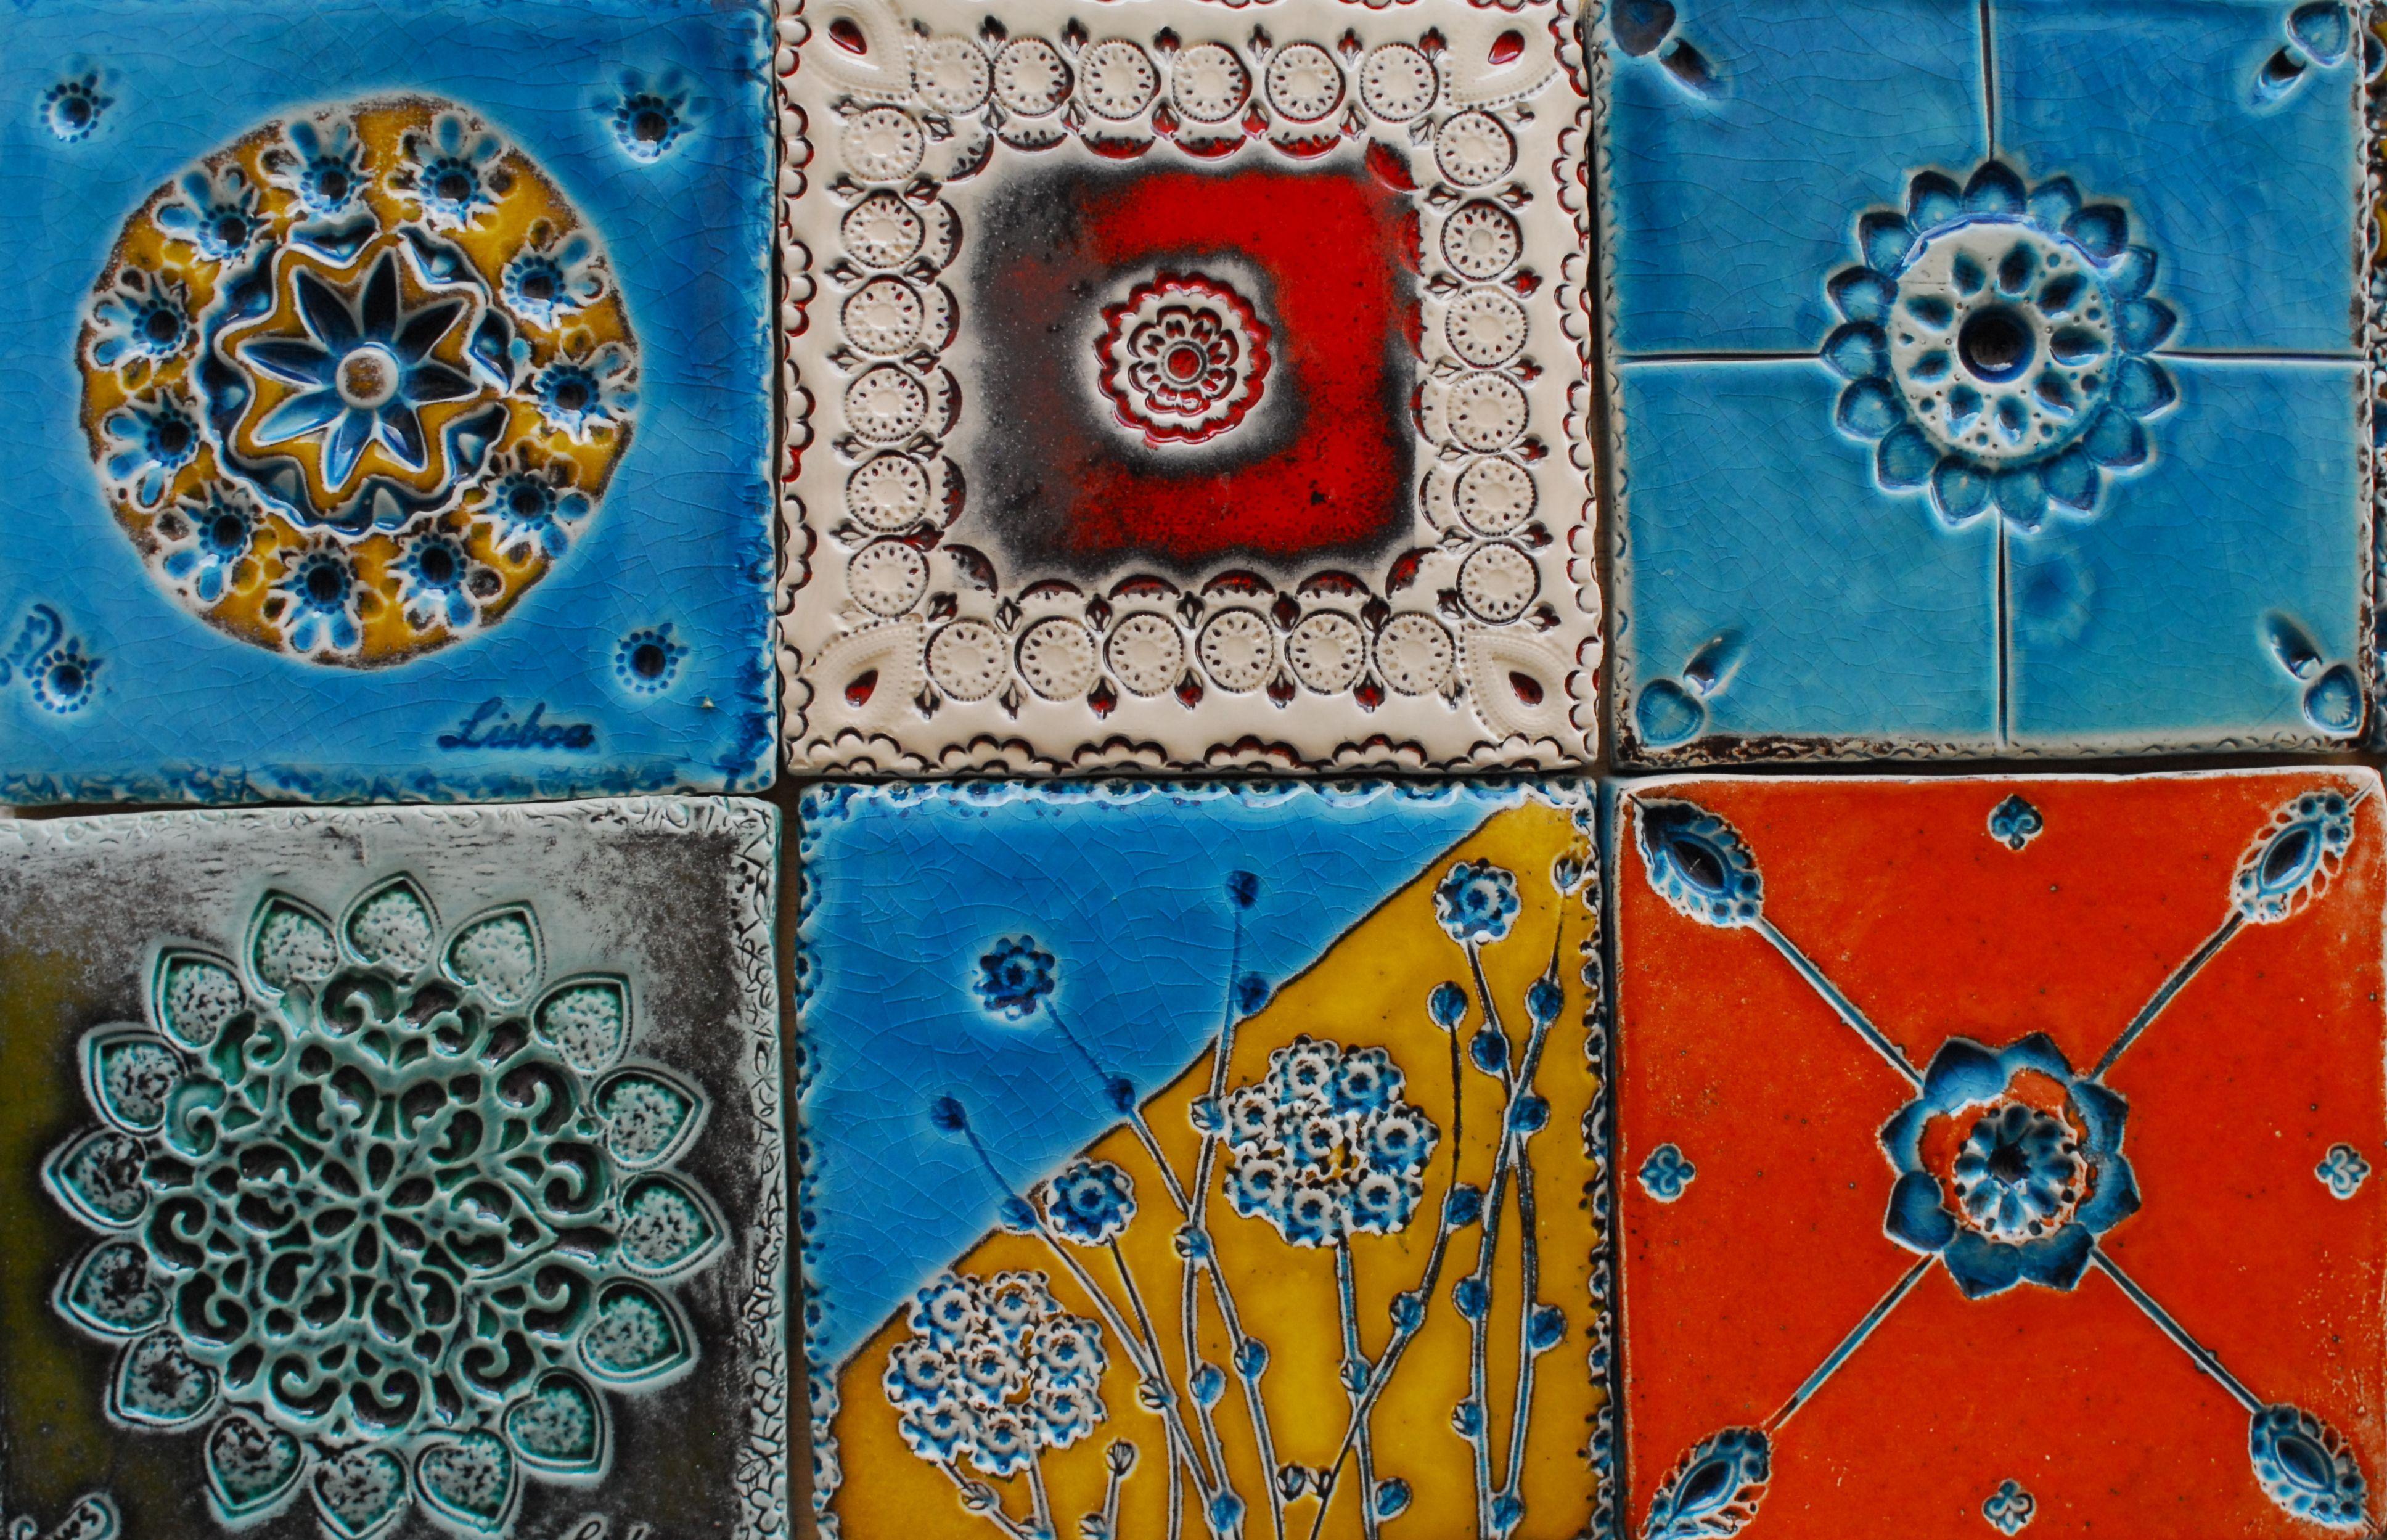 Azulejos po nowemu. Do wspominek i na wzór:)